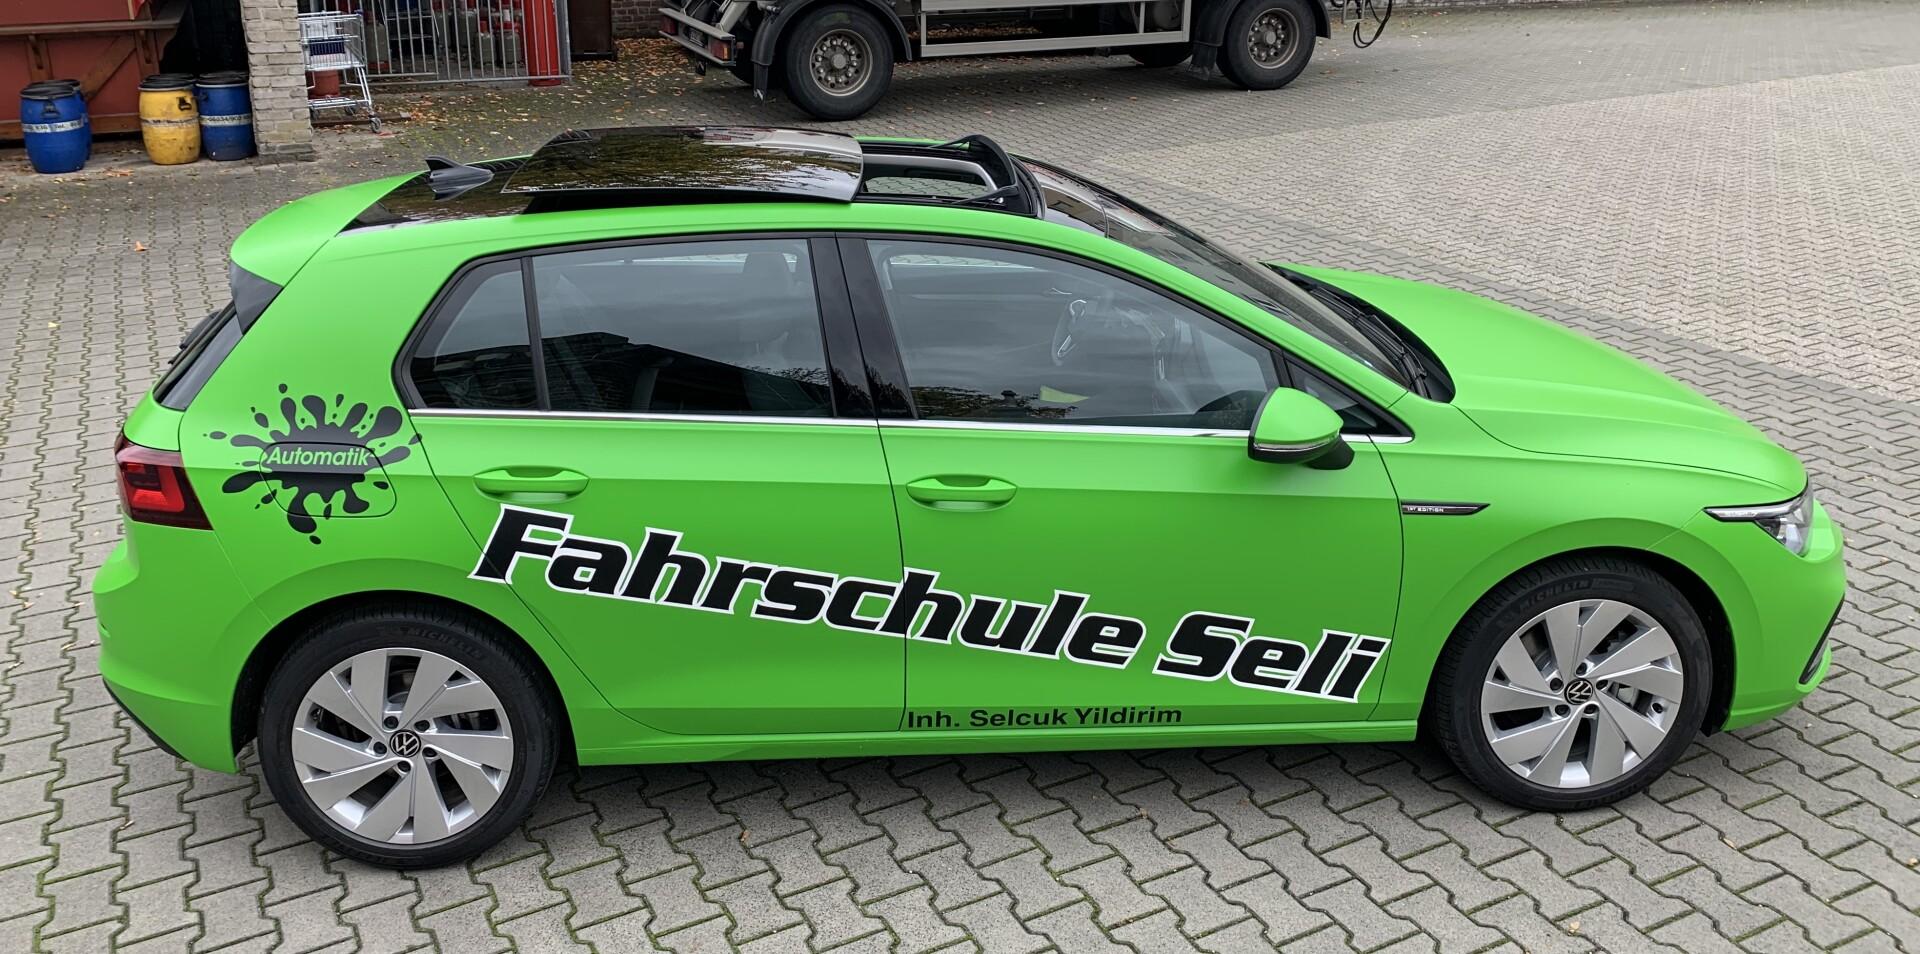 VW Golf 8 (Automatik)